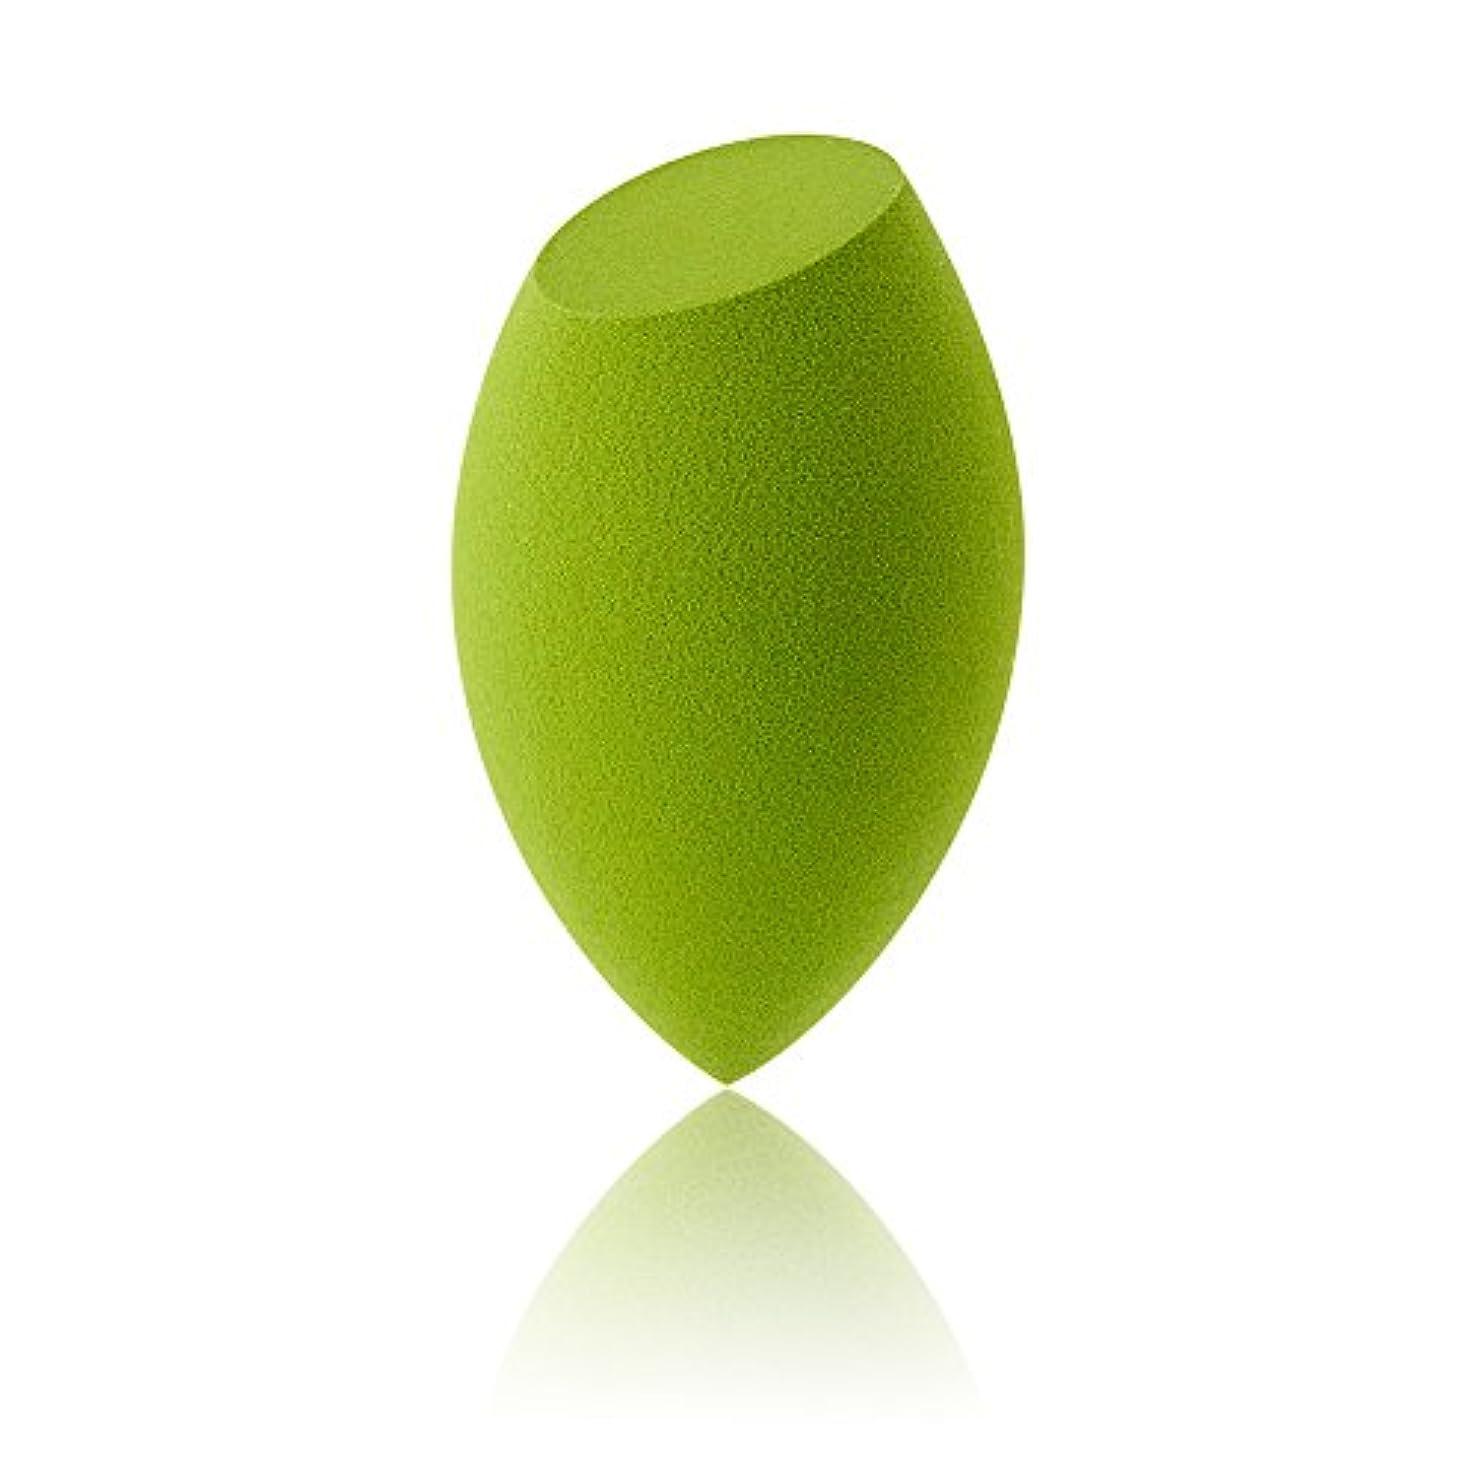 母音論争的に付けるAmeyes メイク用スポンジパフ 乾湿兼用 ふわふわ (斜めカット形/緑)